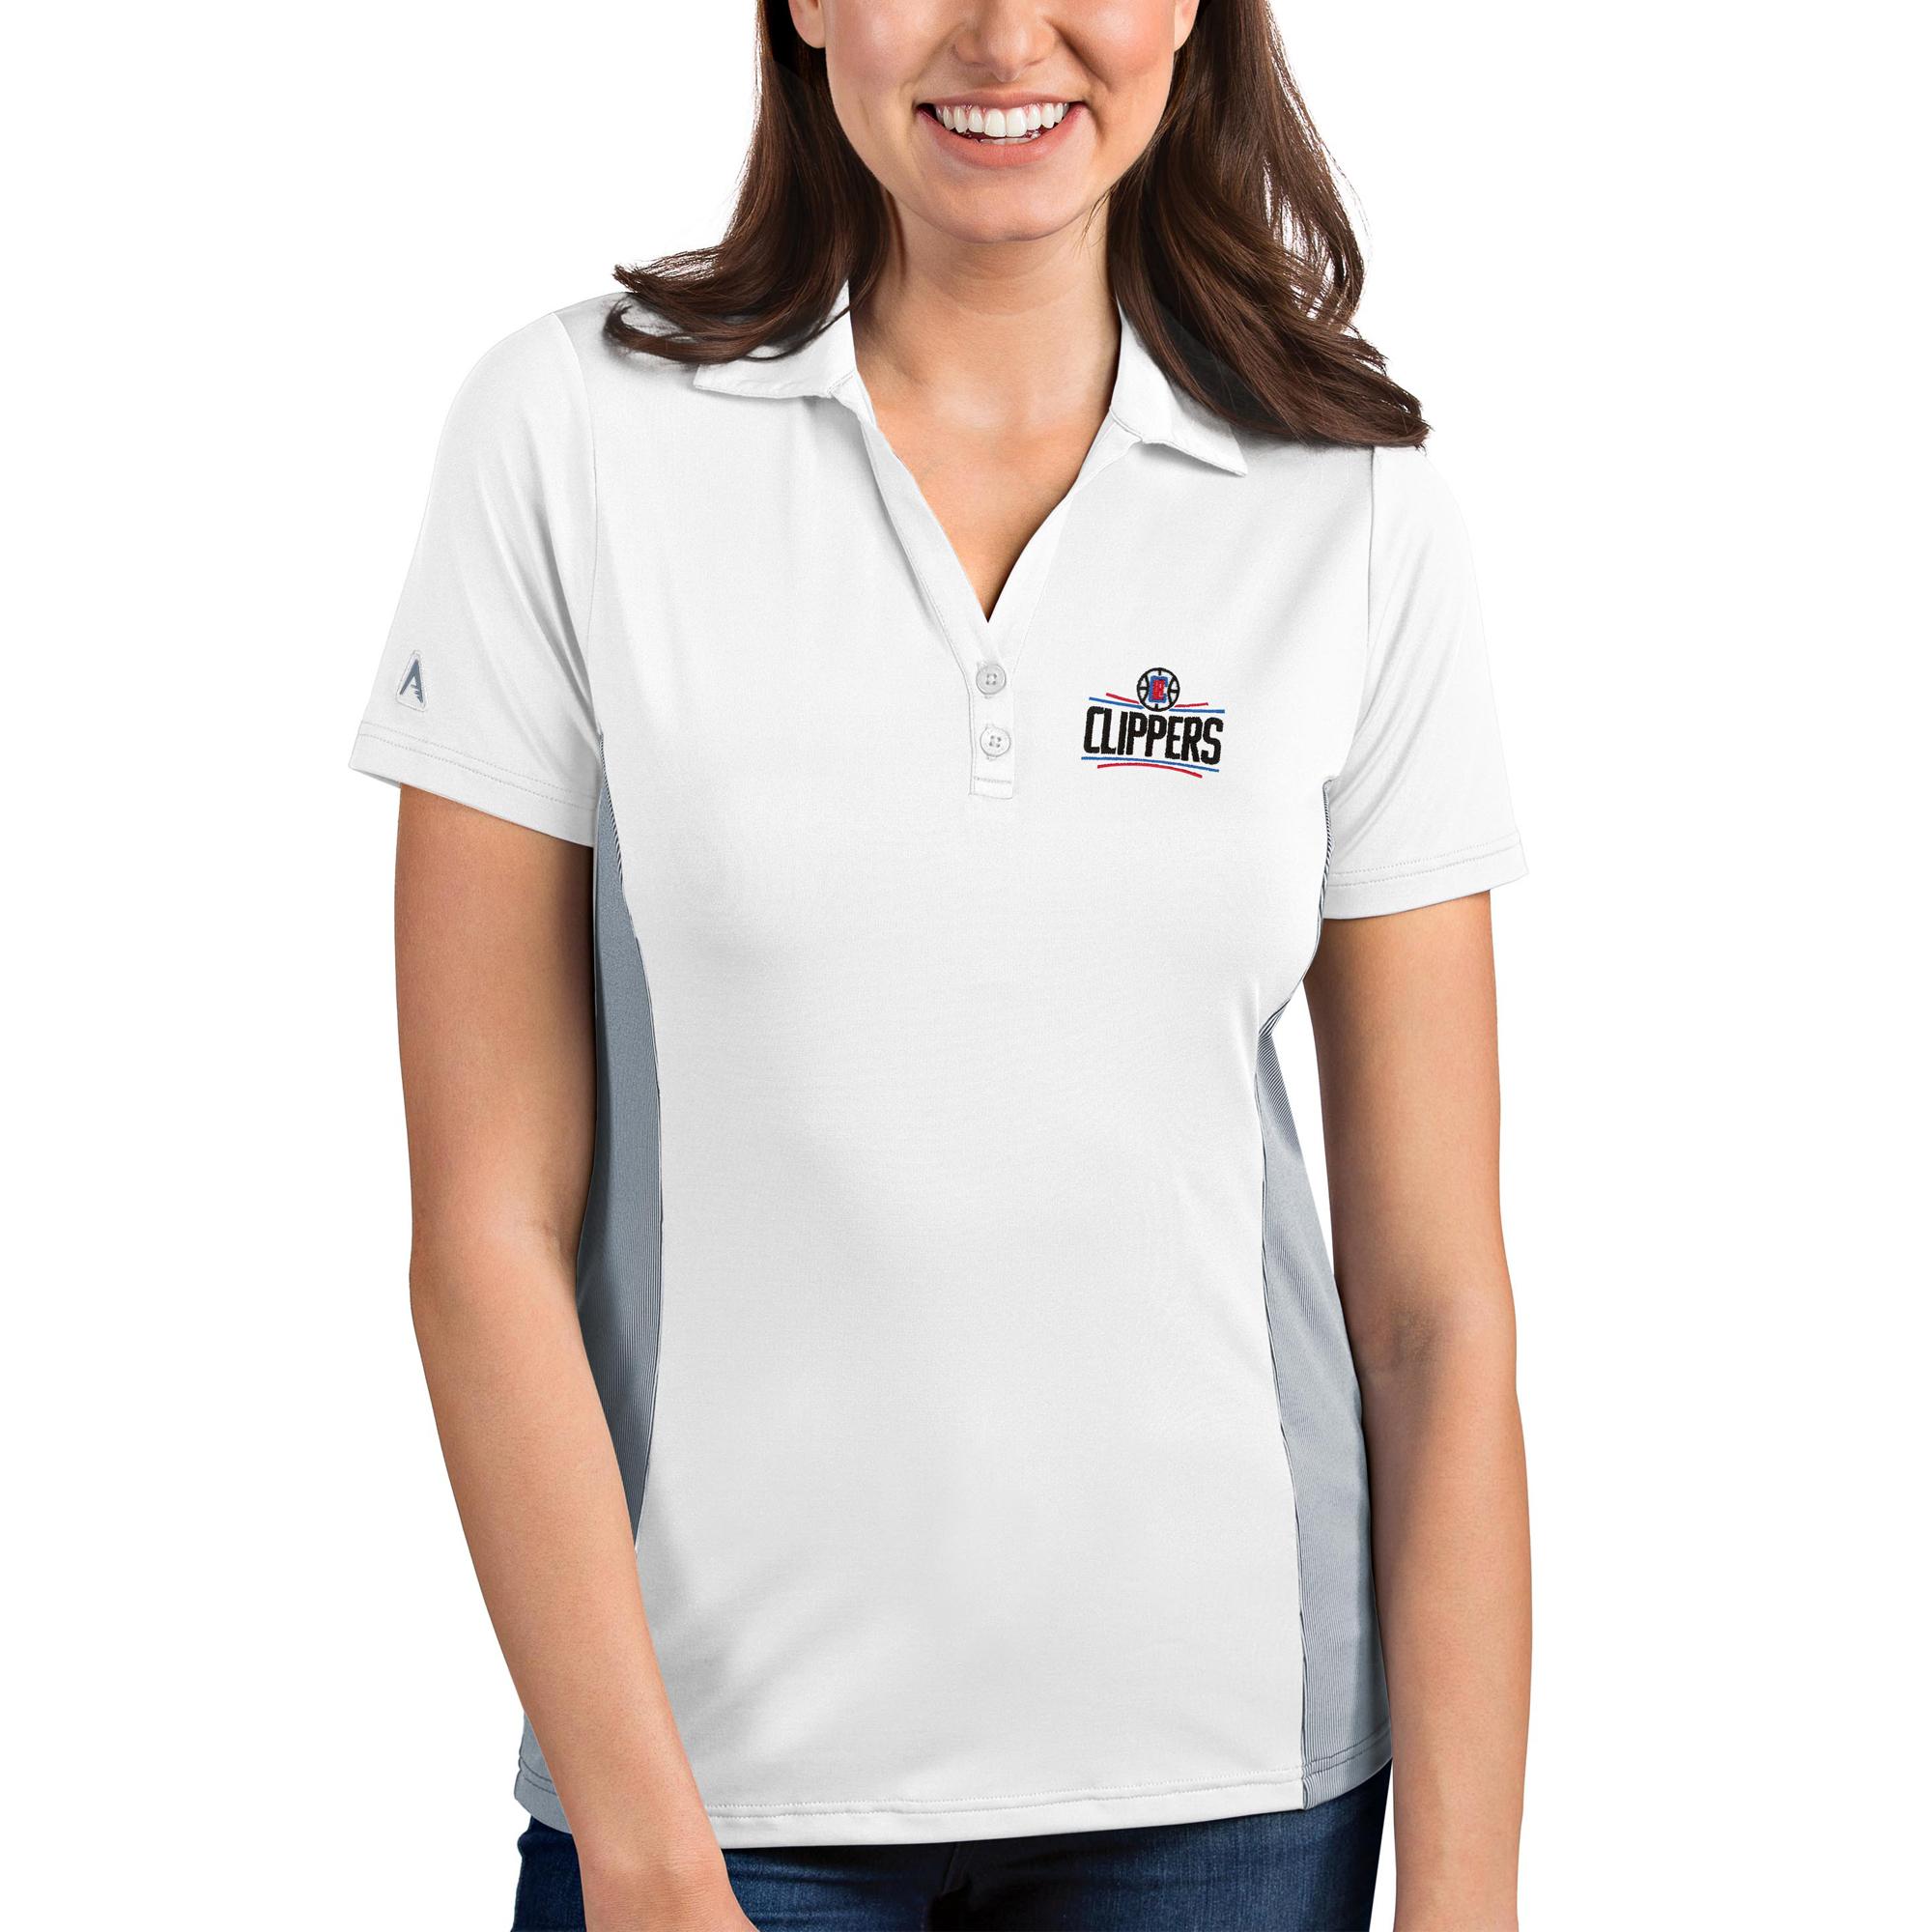 LA Clippers Antigua Women's Venture Polo - White/Gray